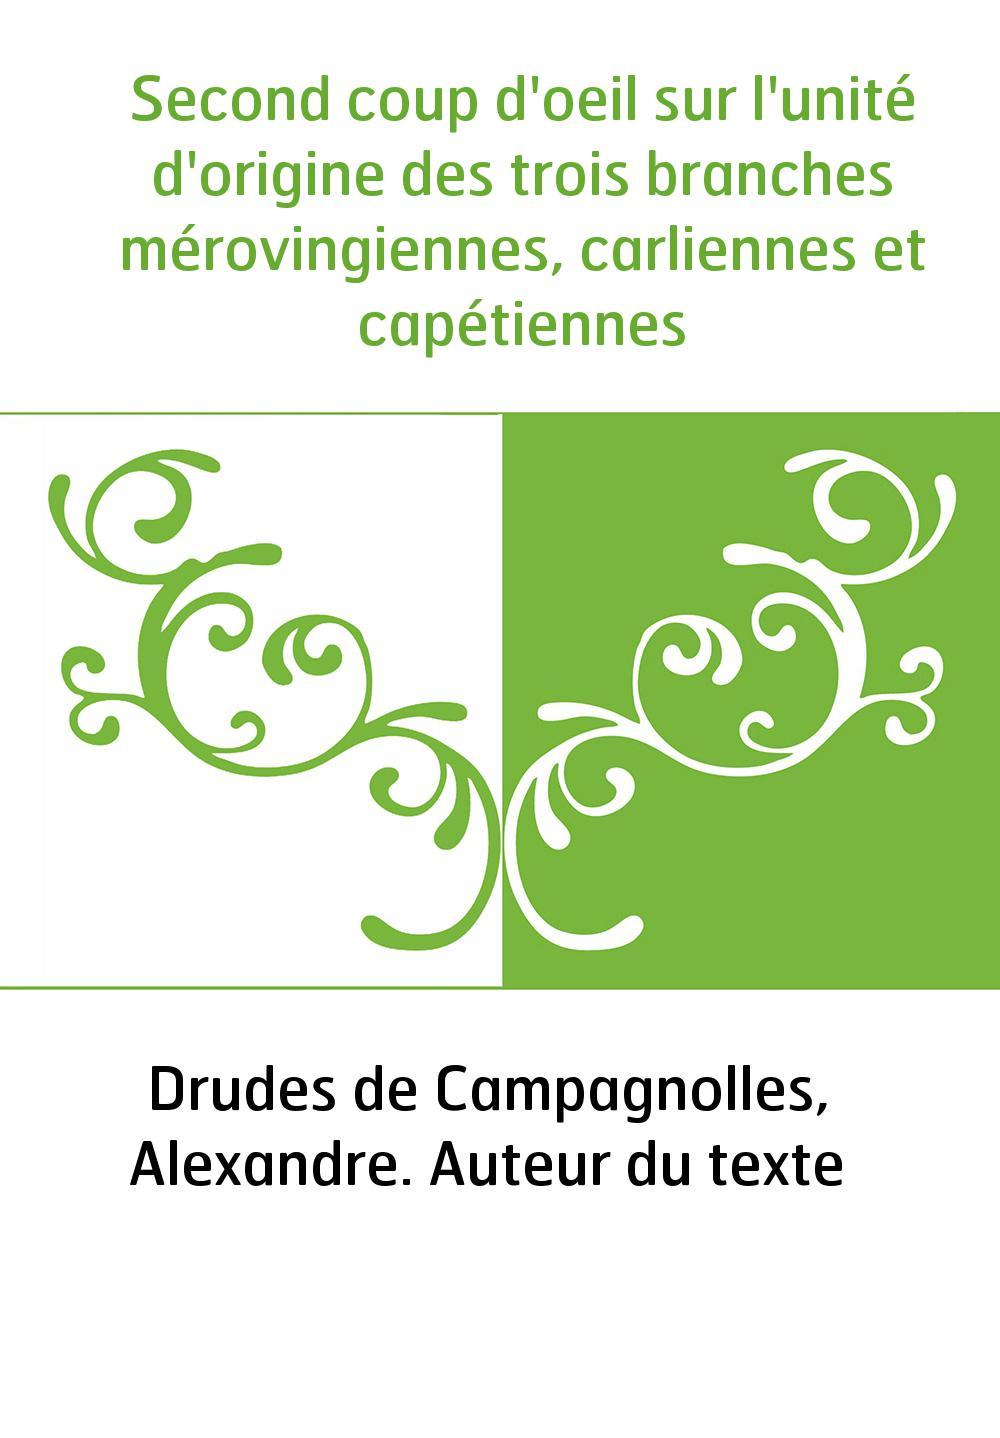 Second coup d'oeil sur l'unité d'origine des trois branches mérovingiennes, carliennes et capétiennes